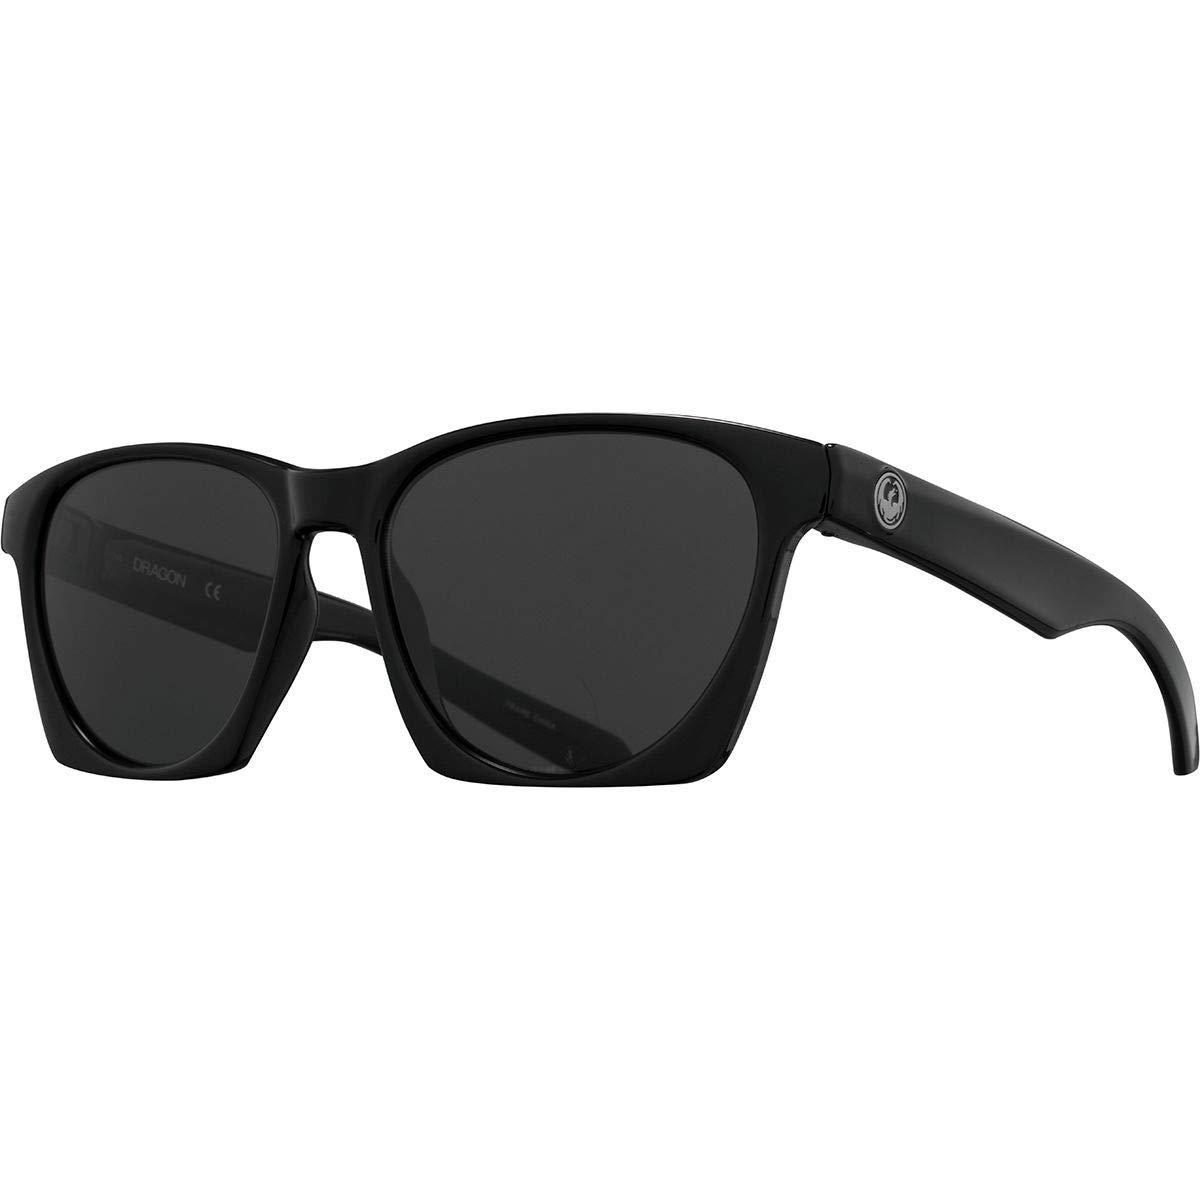 cb68d411238 Get Quotations · Dragon Post Up Sunglasses